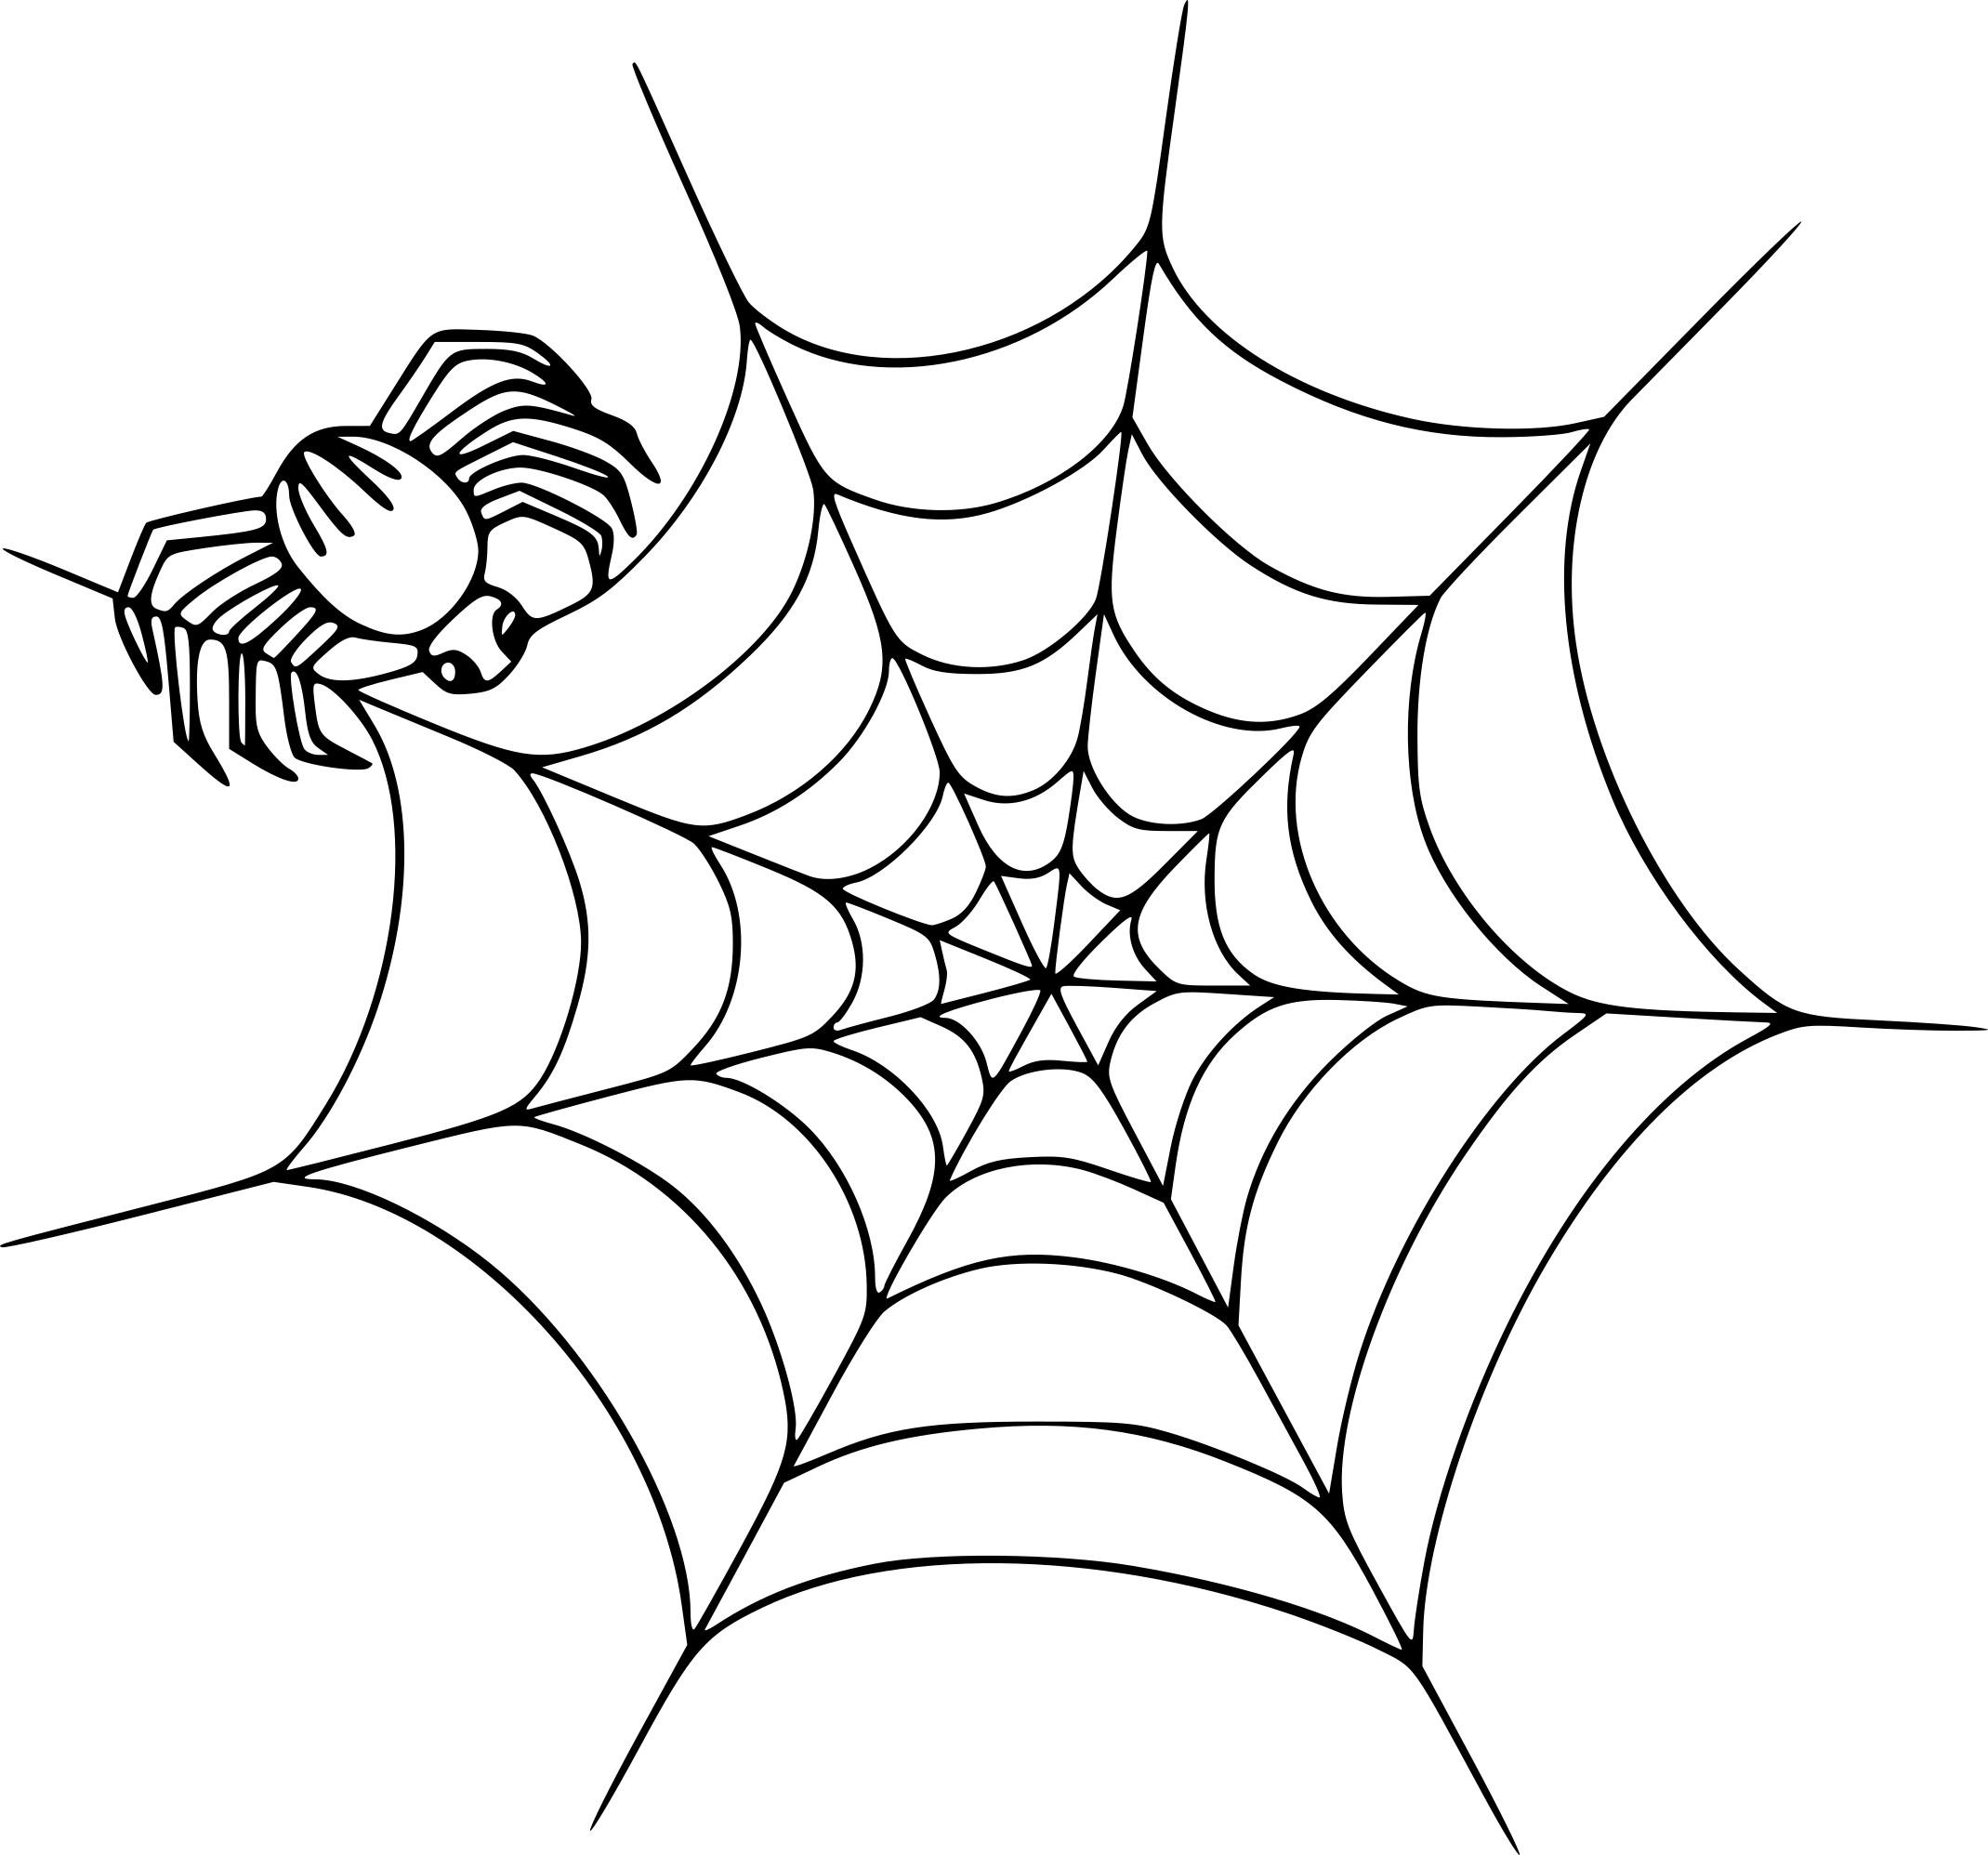 Coloriage Toile D'araignée À Imprimer dedans Dessin Toile Araignée